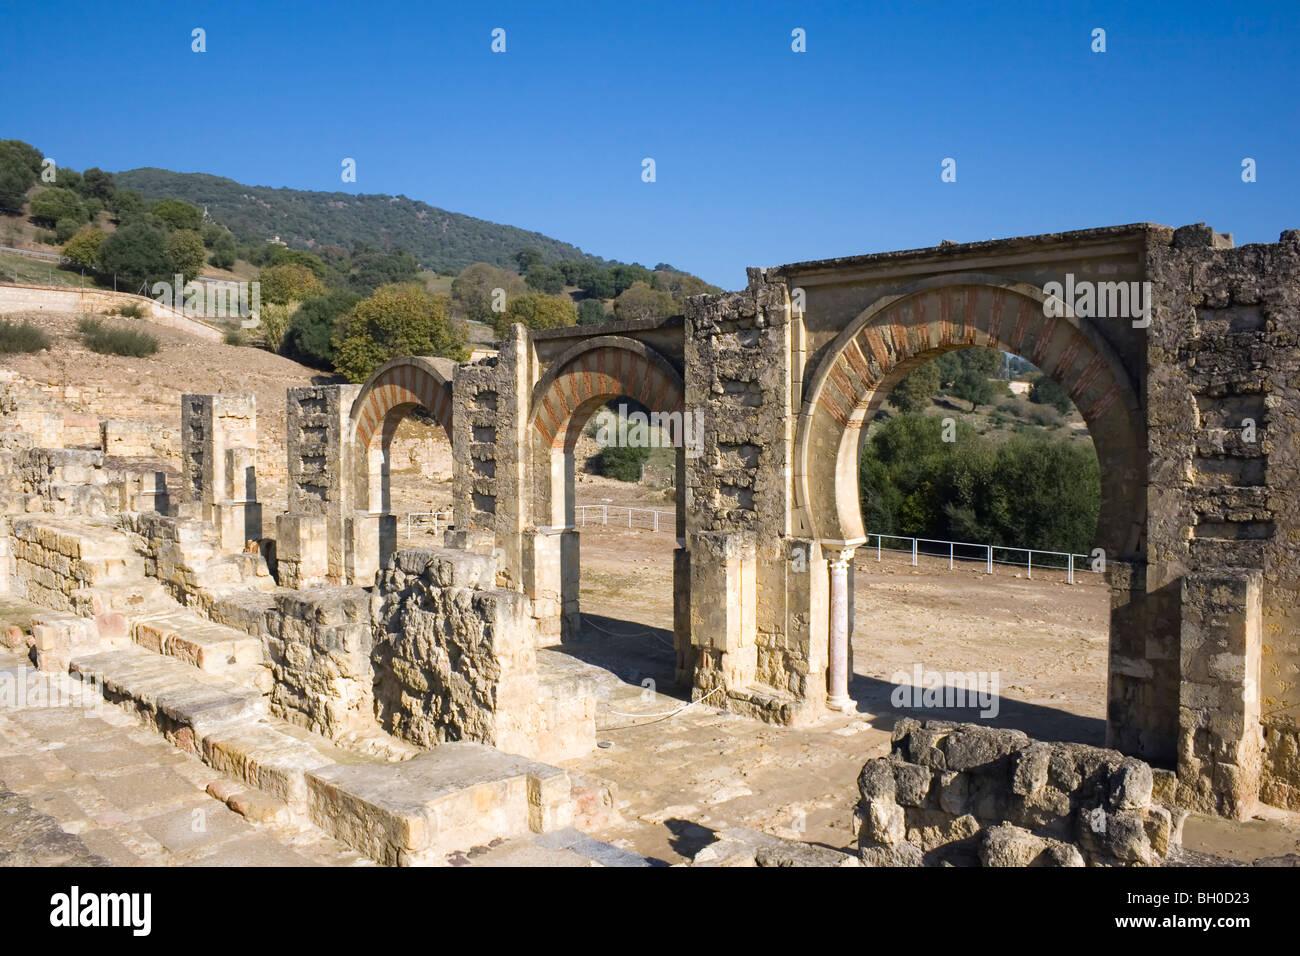 Cordoba, Spain. The Great Portico at Medina Azahara or Madinat al Stock Photo...